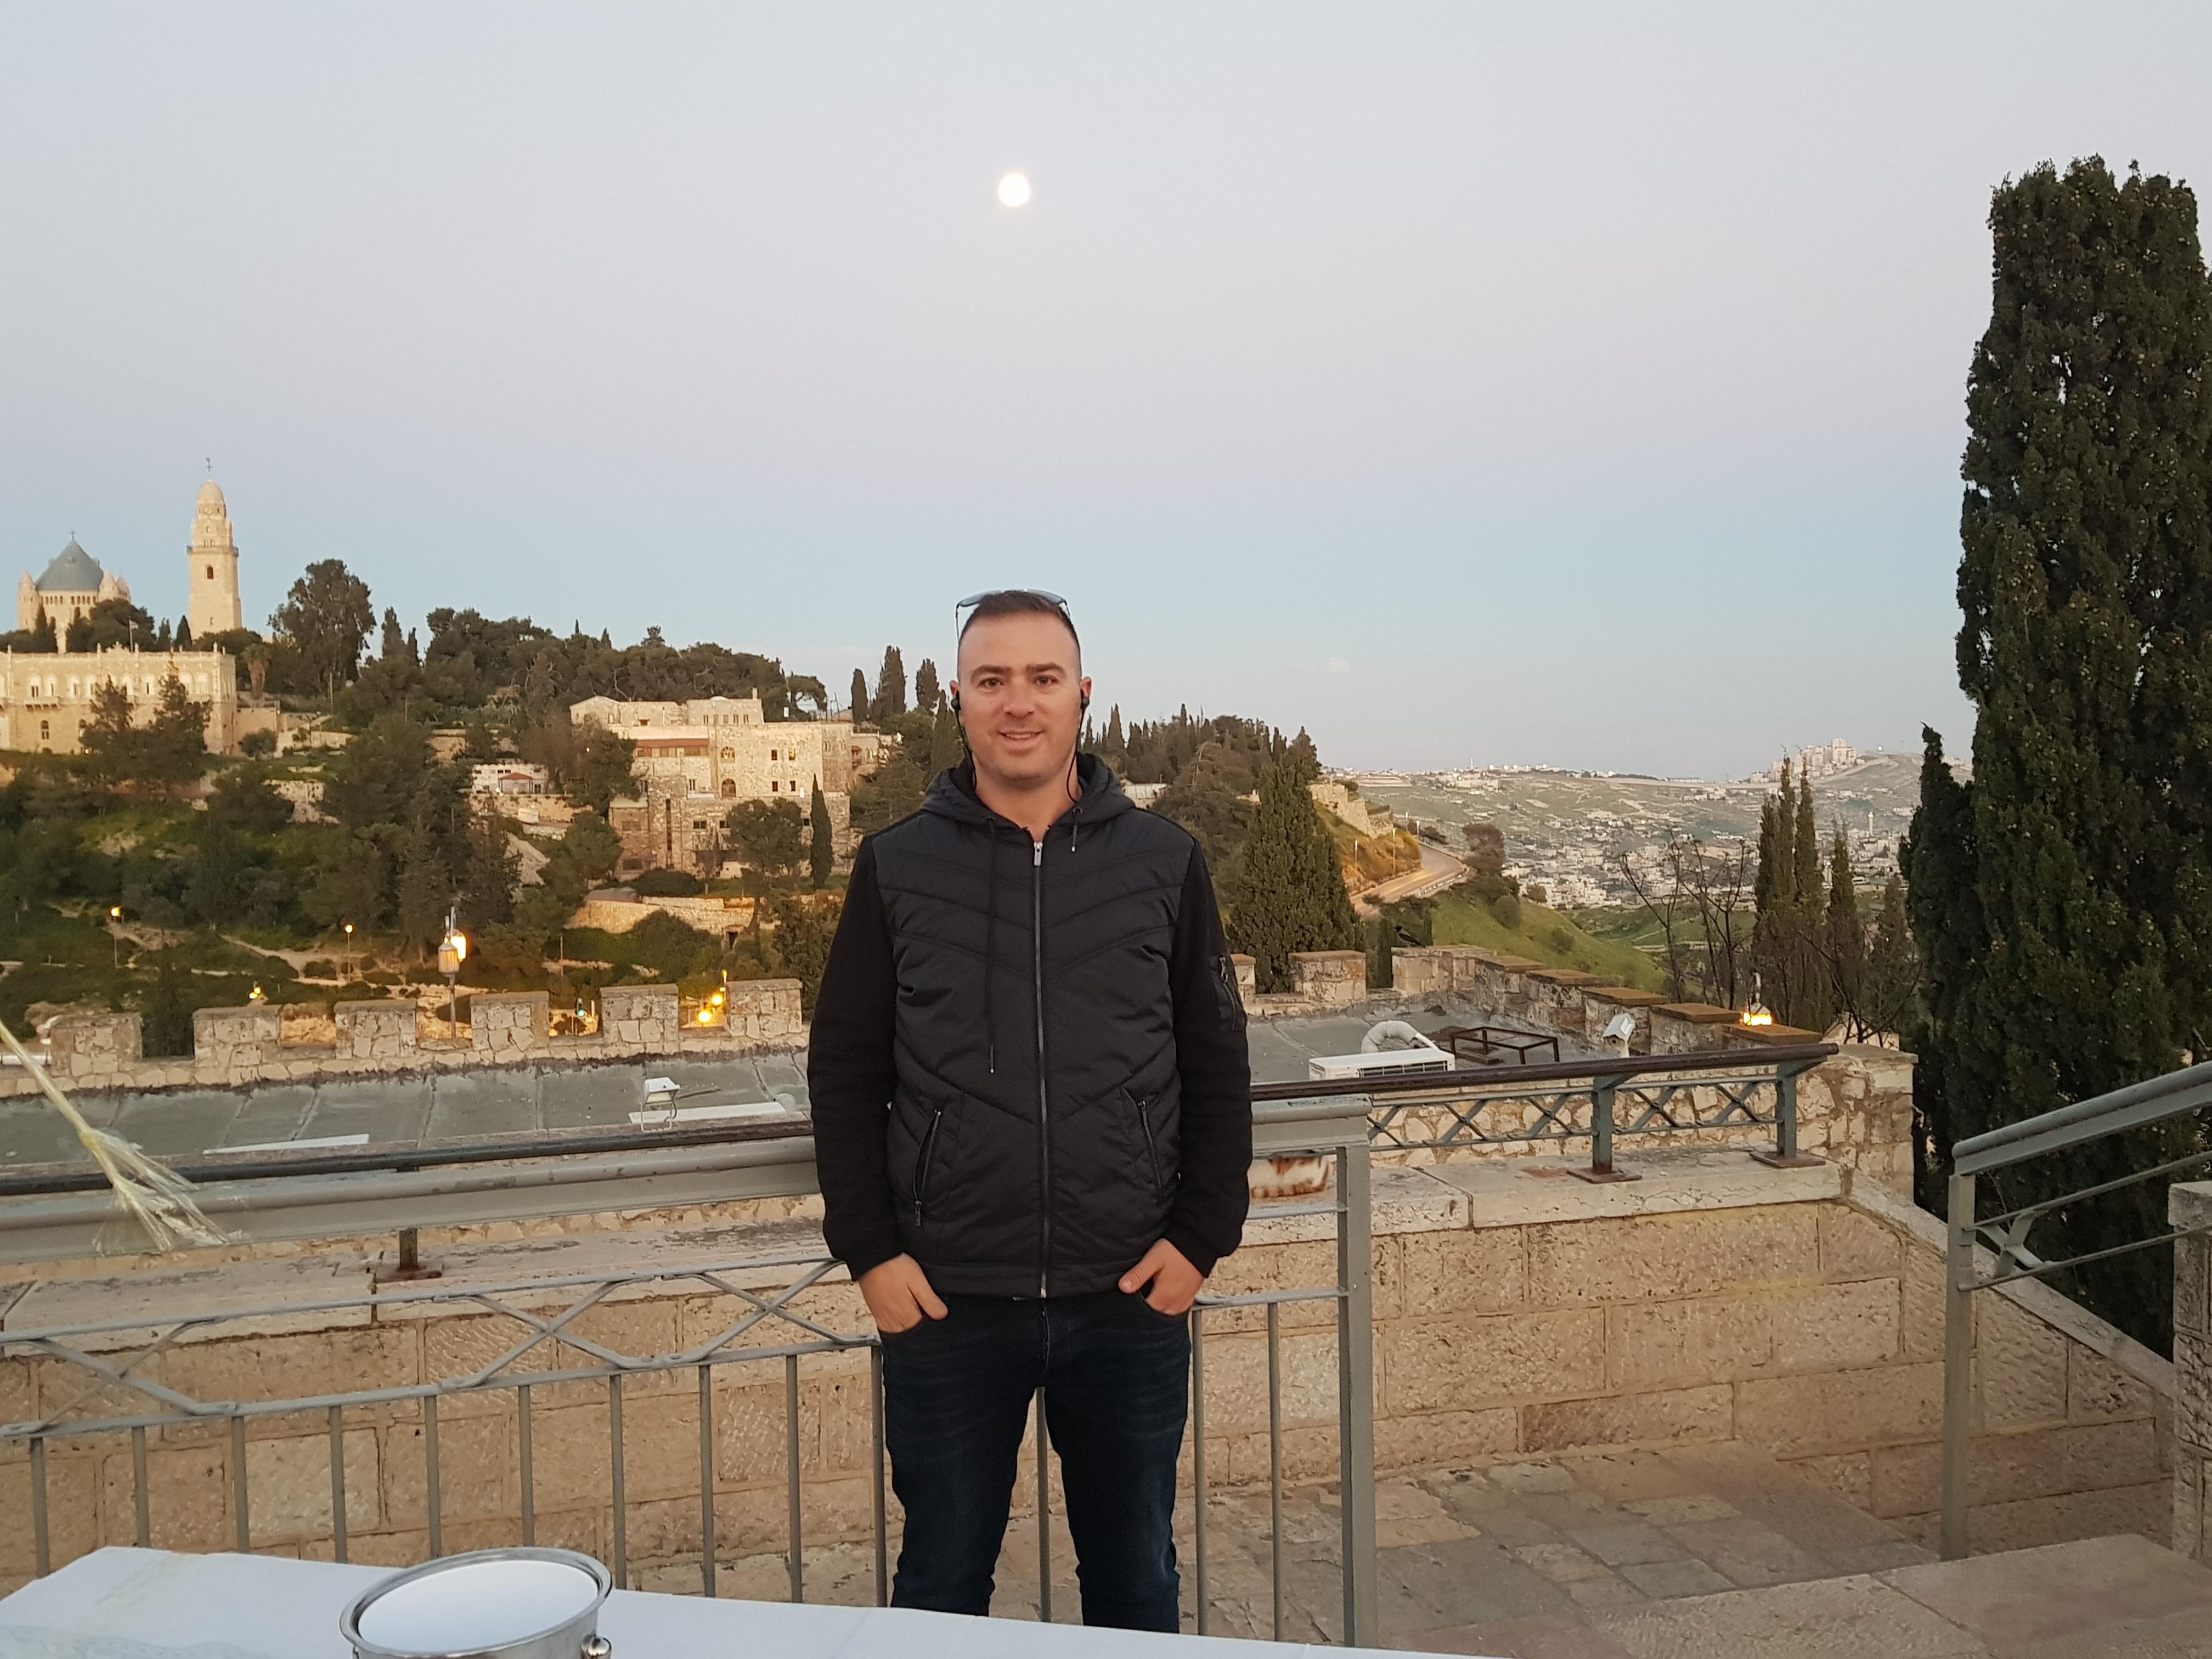 אליהו ארנד בירושלים:)